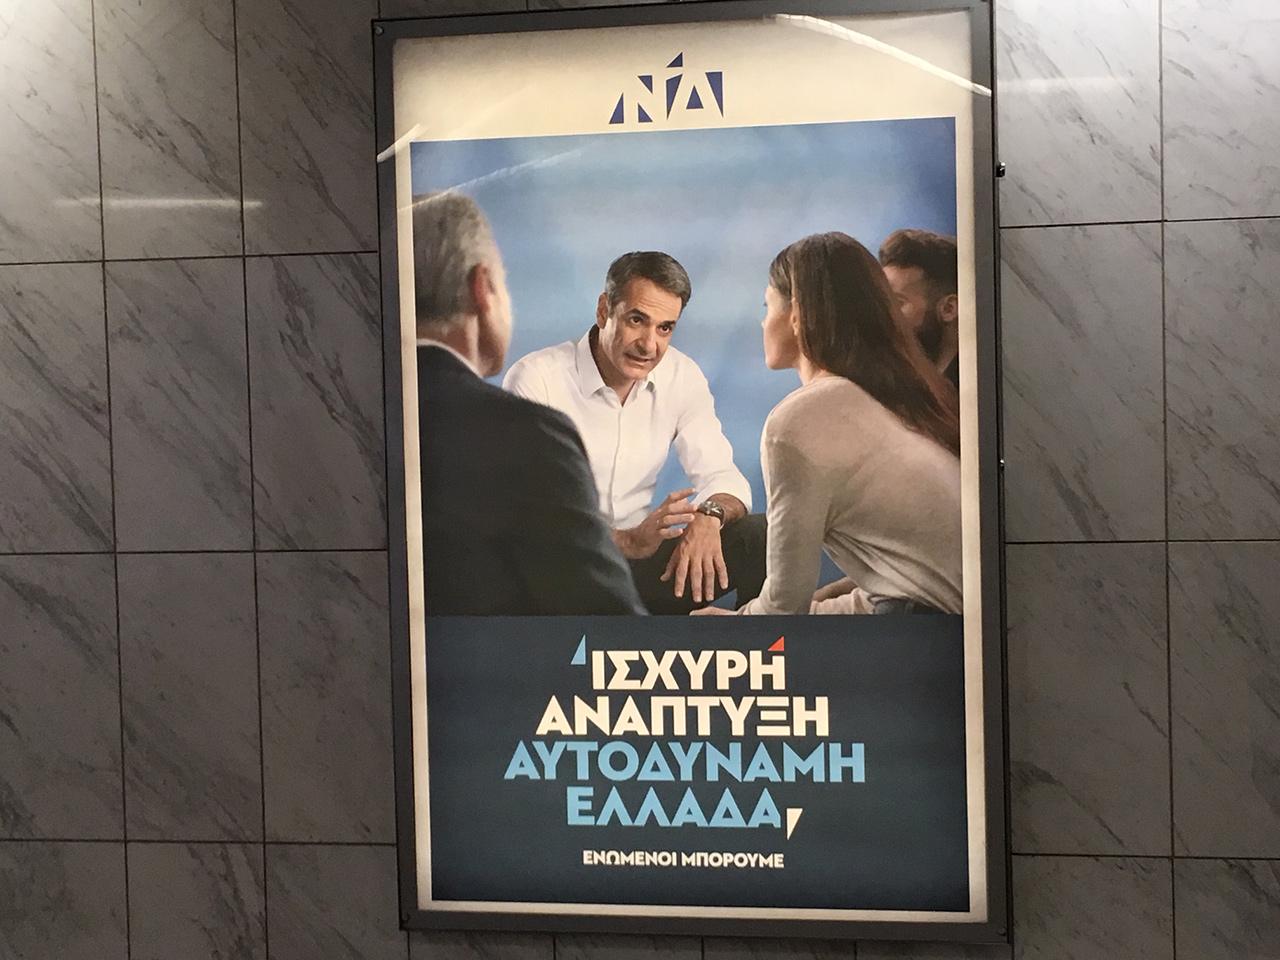 Wahlen in Griechenland Vorab Impressionen